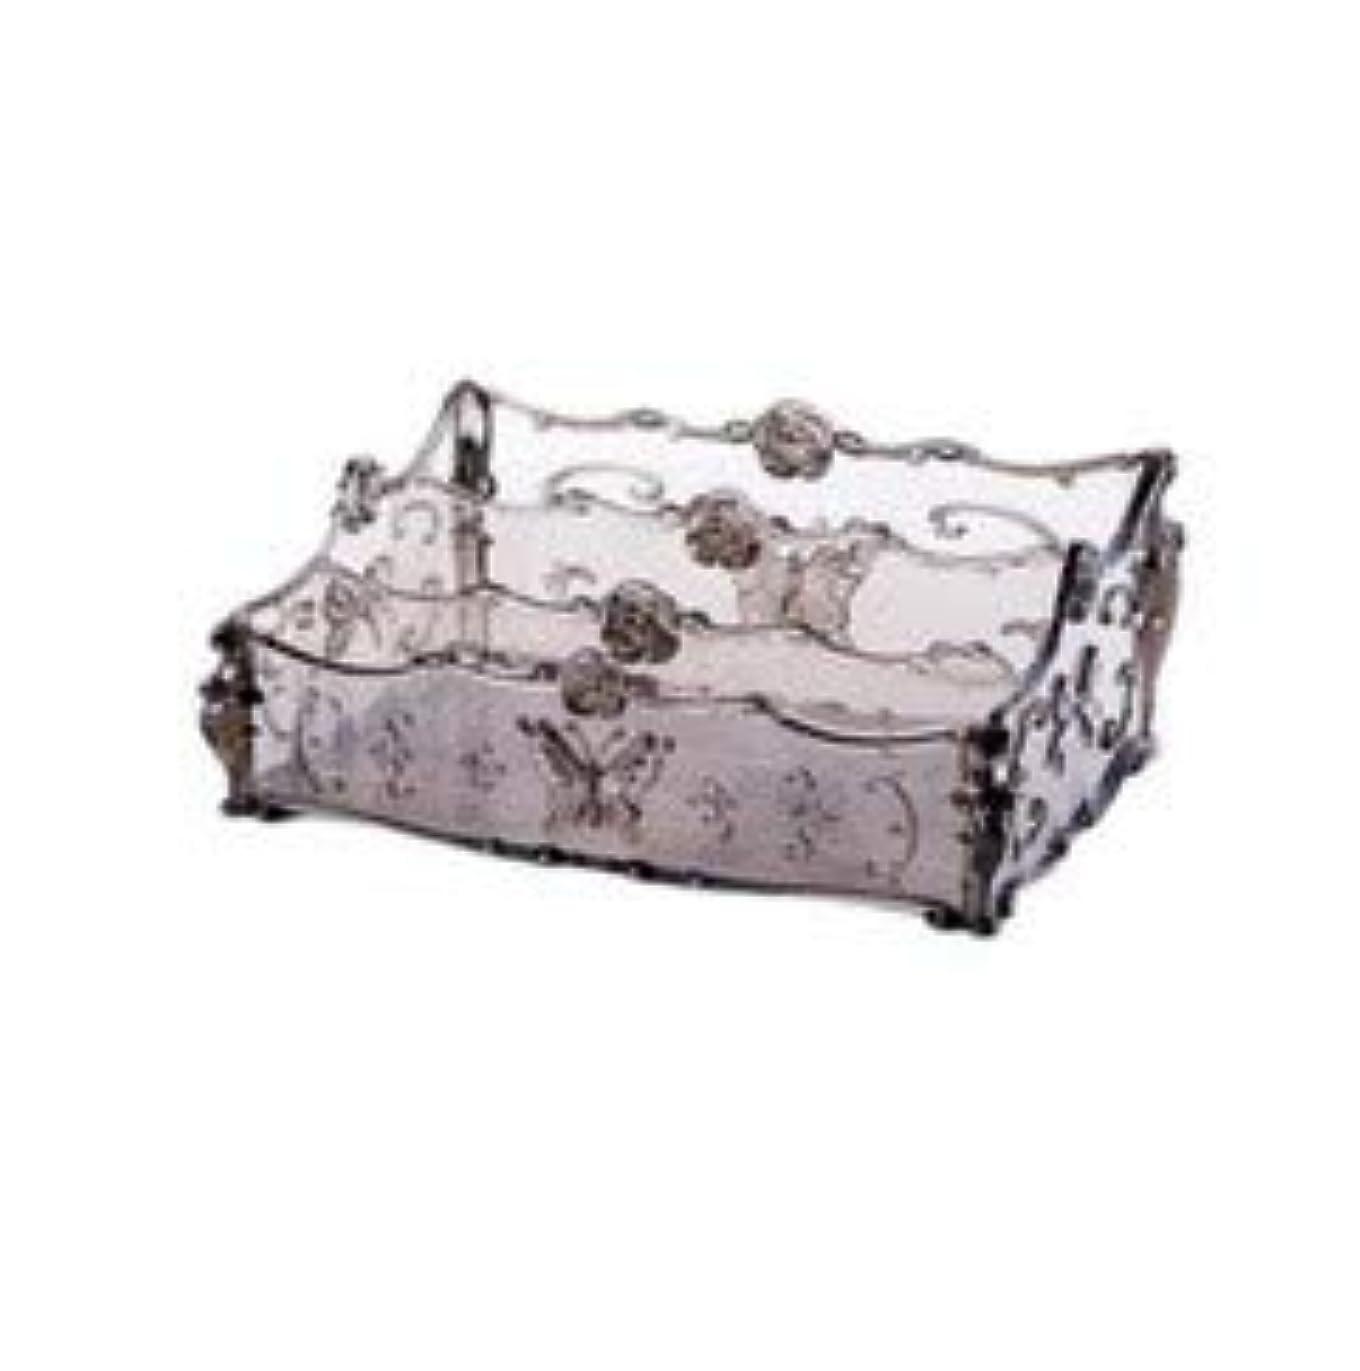 ワーカー人に関する限りしなやかなフラワー彫刻デスクトップ化粧品収納ボックス化粧台透明ラック家庭用プラスチックマルチカラースキンケア製品仕上げボックス (Color : Transparent gray)